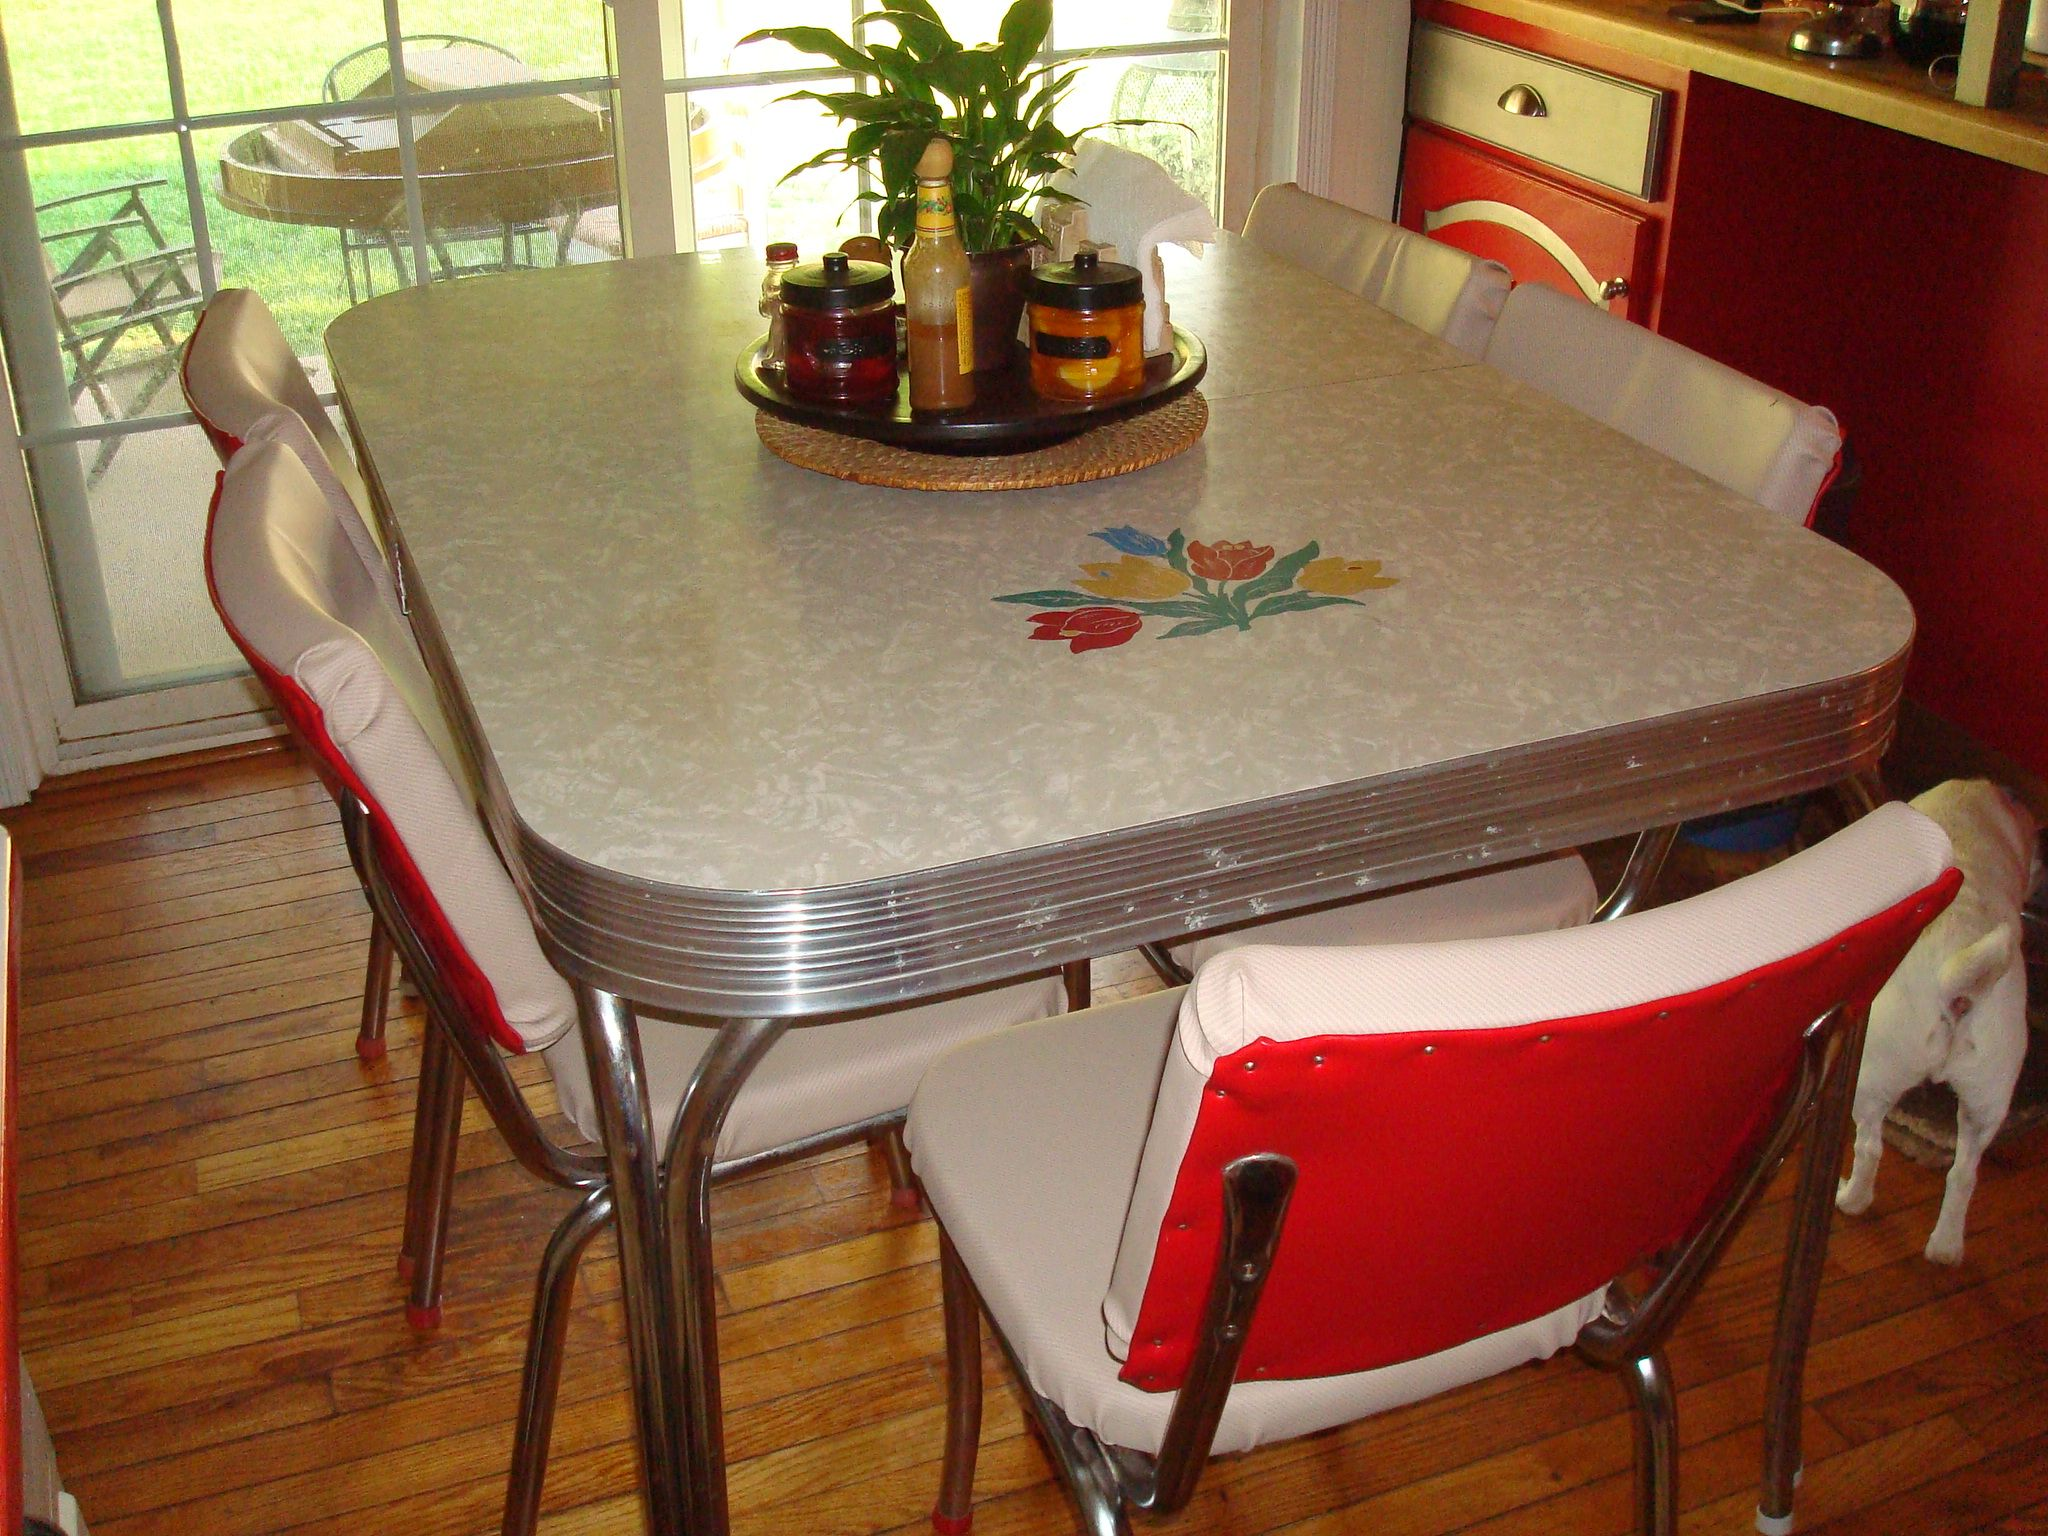 1950メs retro kitchen table chairs photo - 4